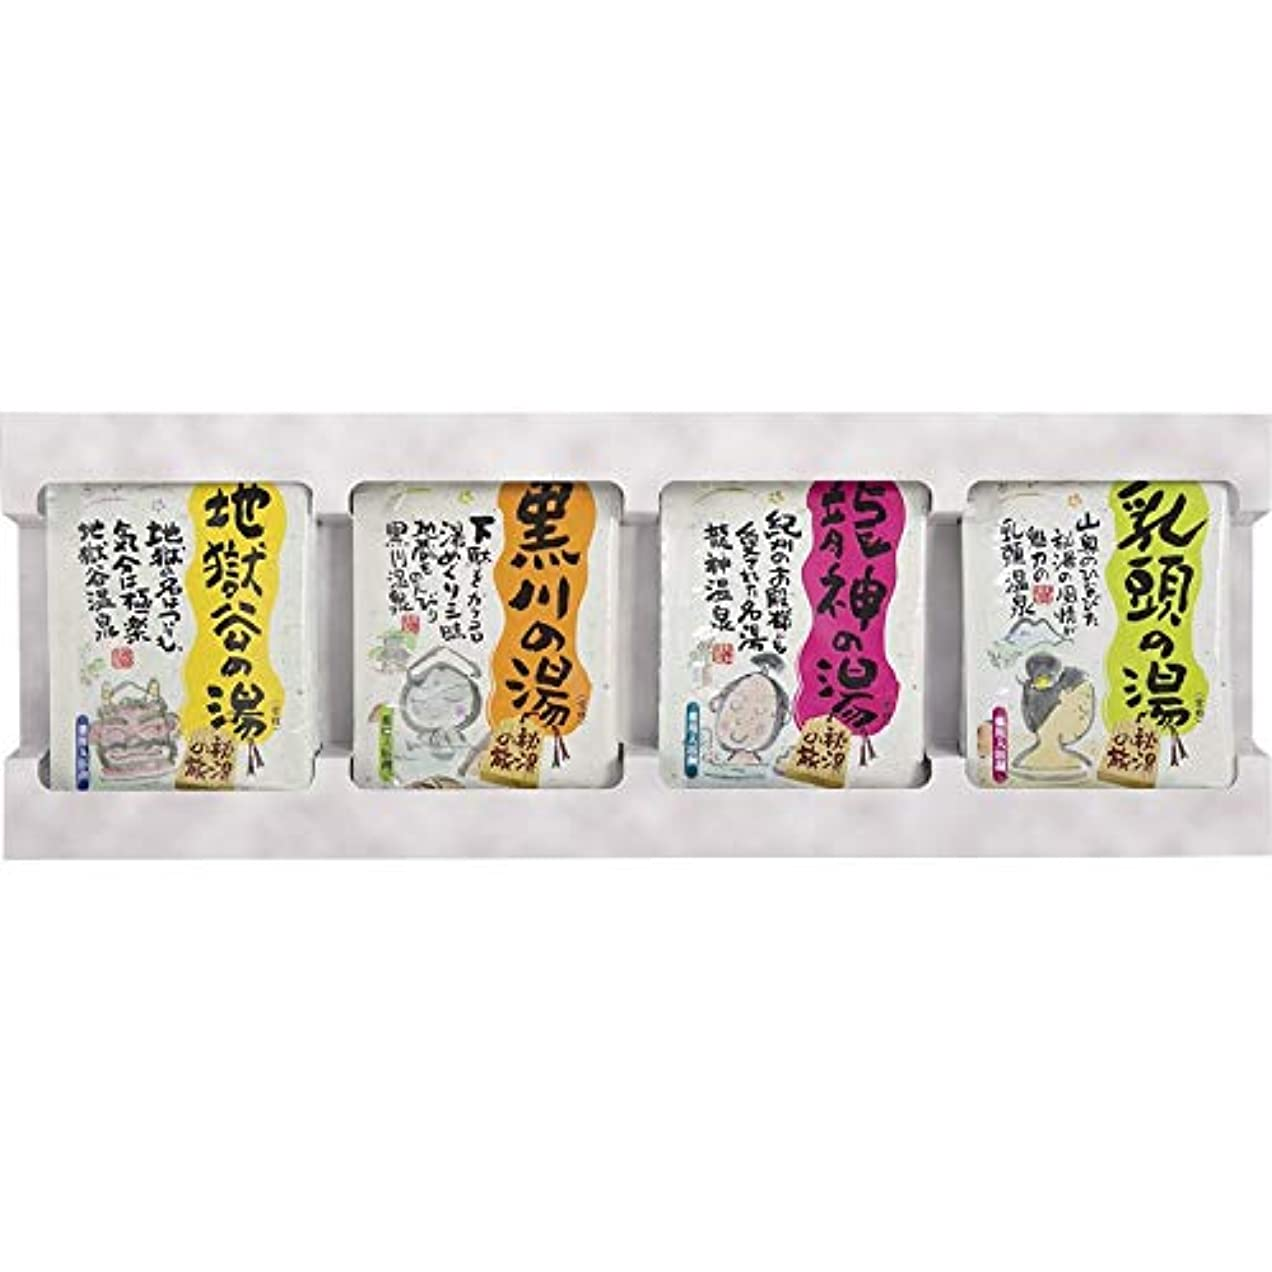 暴力的な相関する減衰薬用入浴剤秘湯の旅10P PH-10P 【やくようにゅうよくざい ひとうのたび 日本製 国産 せっと セット 10包 】